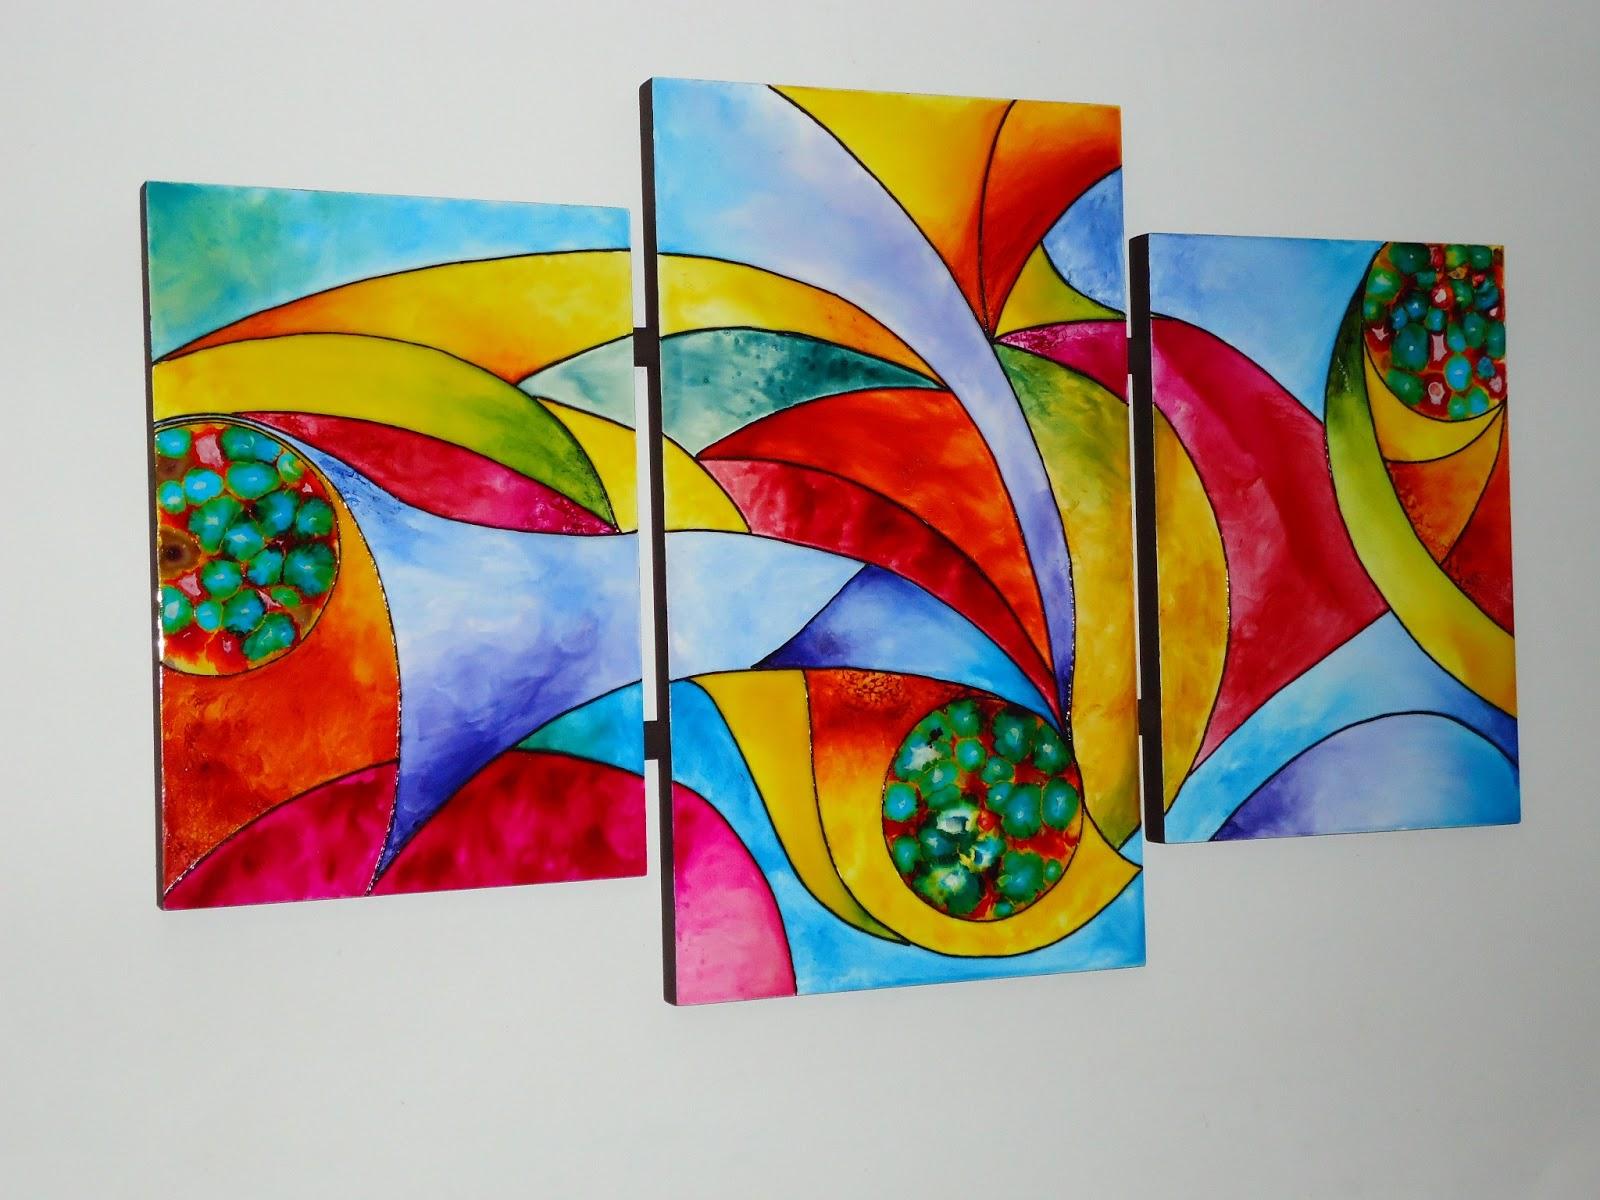 Artes y manualidades cuadros abstractos - Fotos cuadros abstractos ...